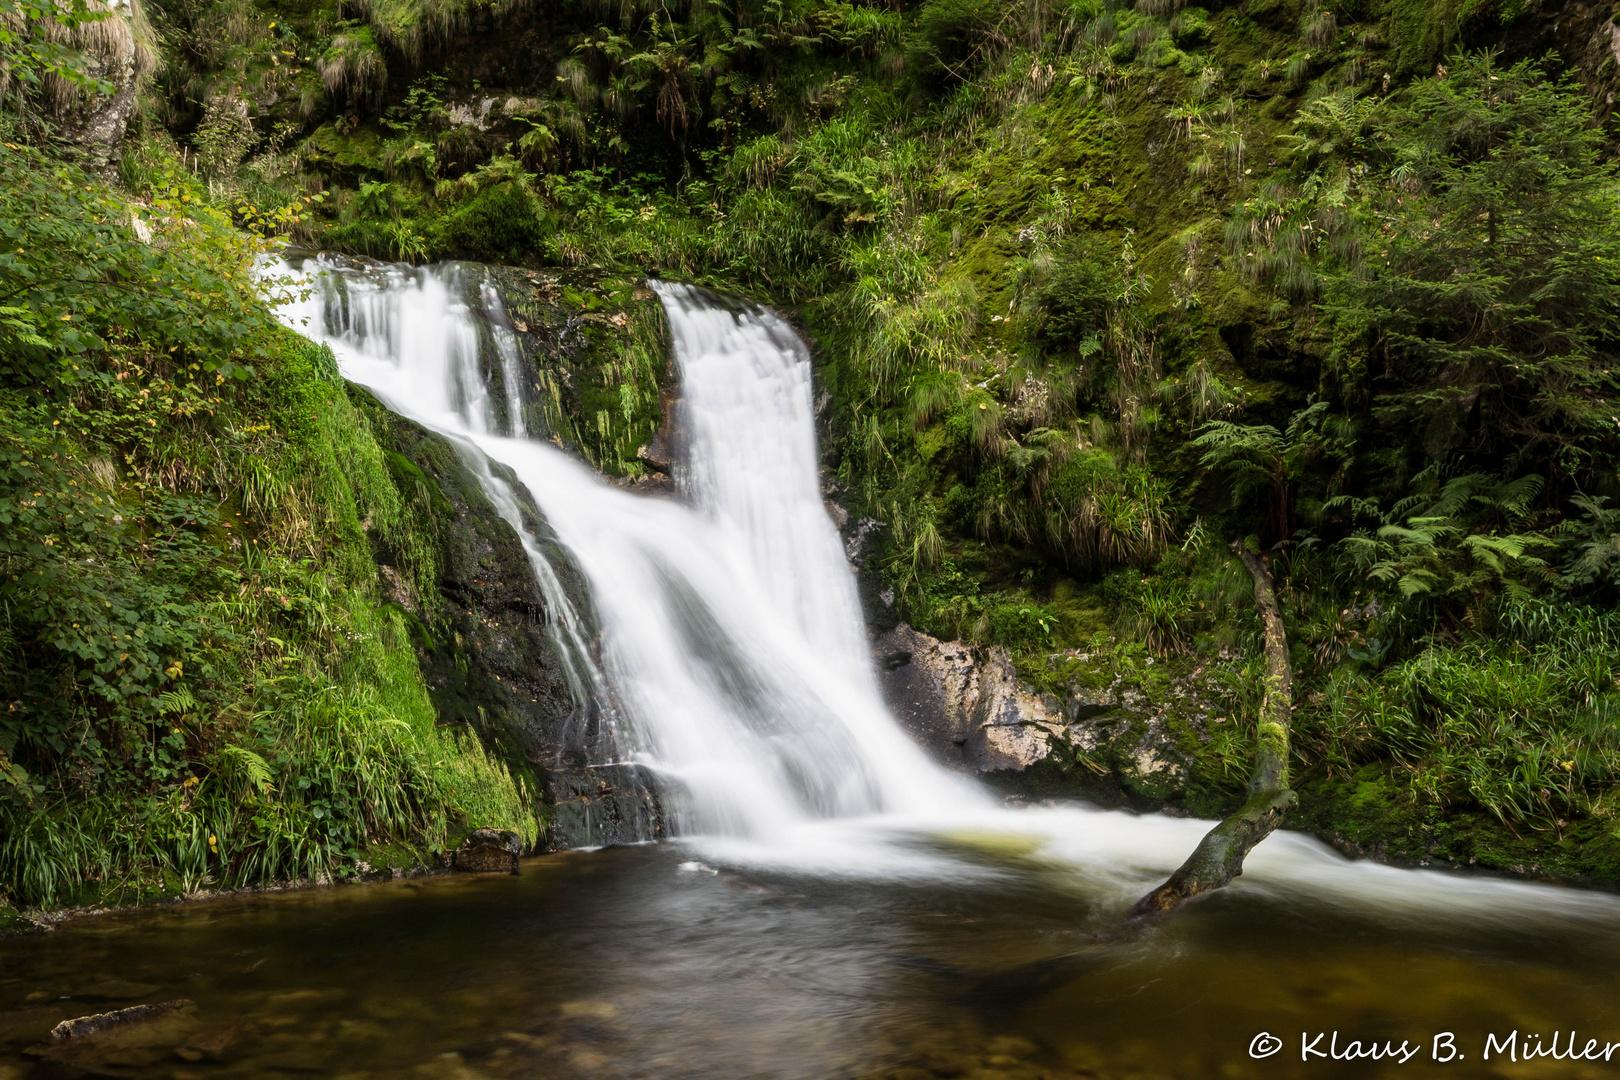 Allerheiligen Wasserfälle - Wild rauschender Wasserfall